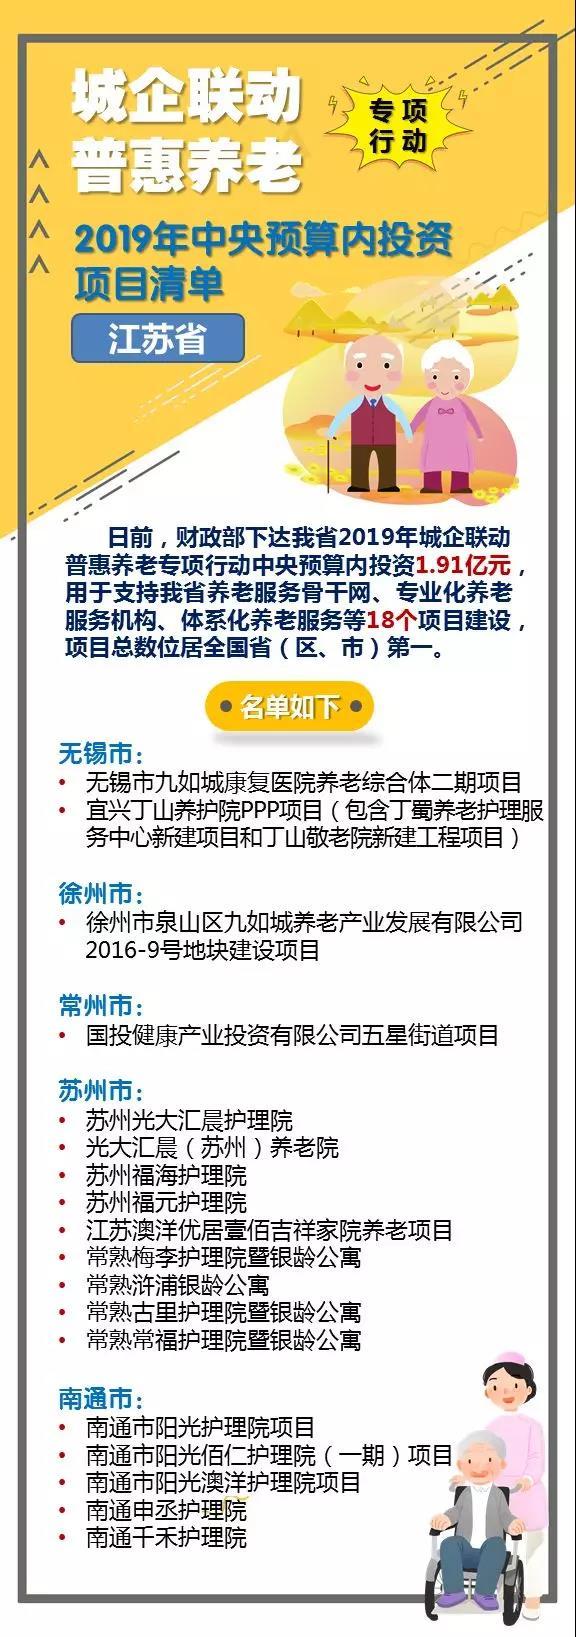 五分11选5获城企联动普惠养老中央投资1.91亿元,项目总数全国第一